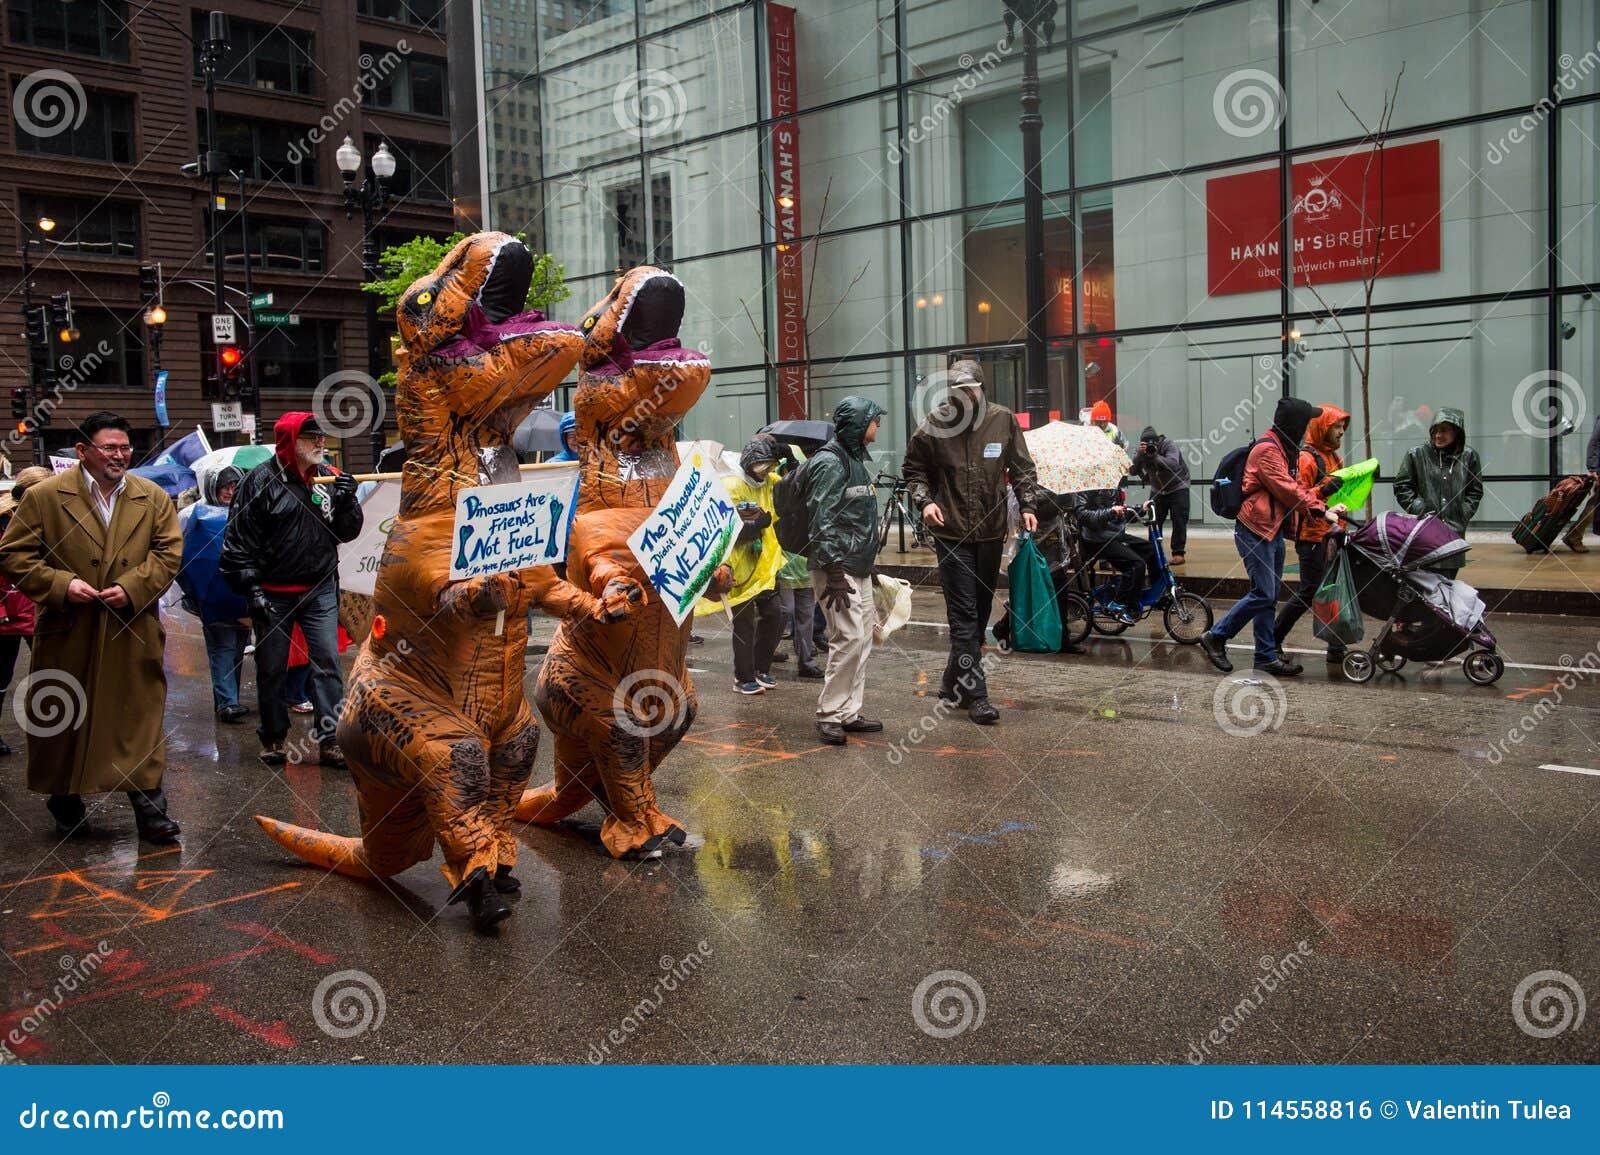 πλήθος Επίδειξη δικαιωμάτων των ζώων Άνθρωποι στην οδό